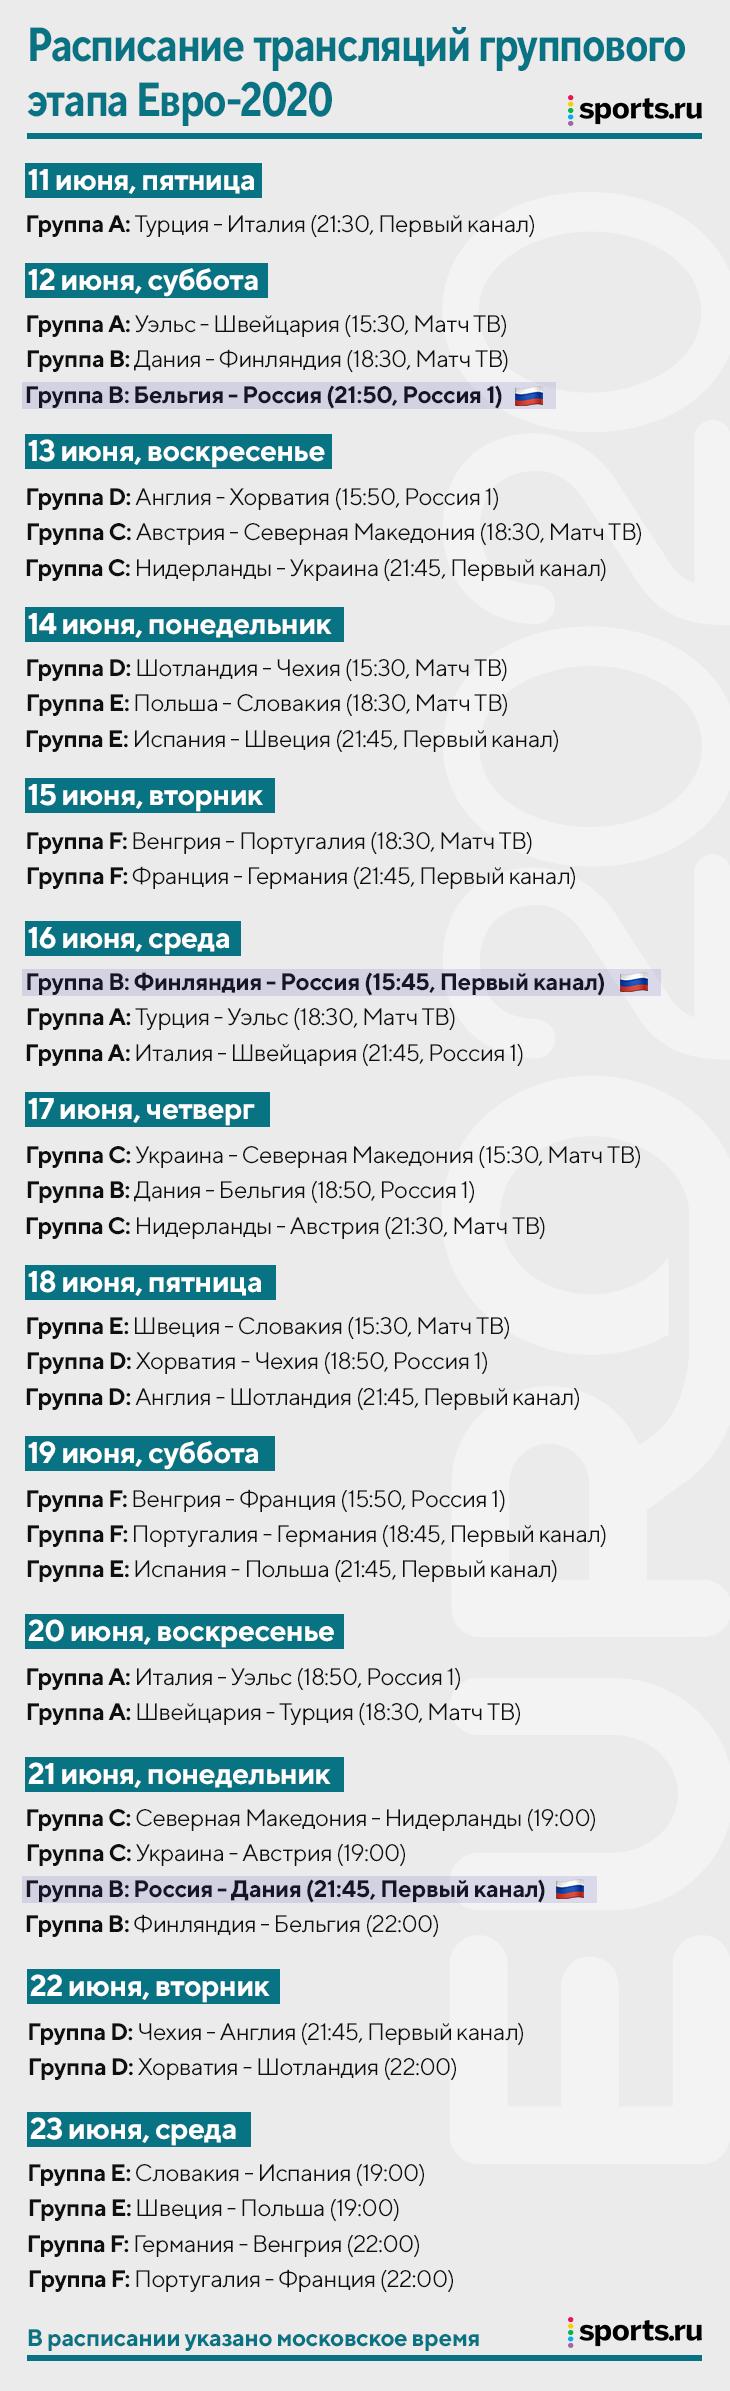 Кто покажет матчи Евро-2020? Самое полное расписание трансляций группового этапа